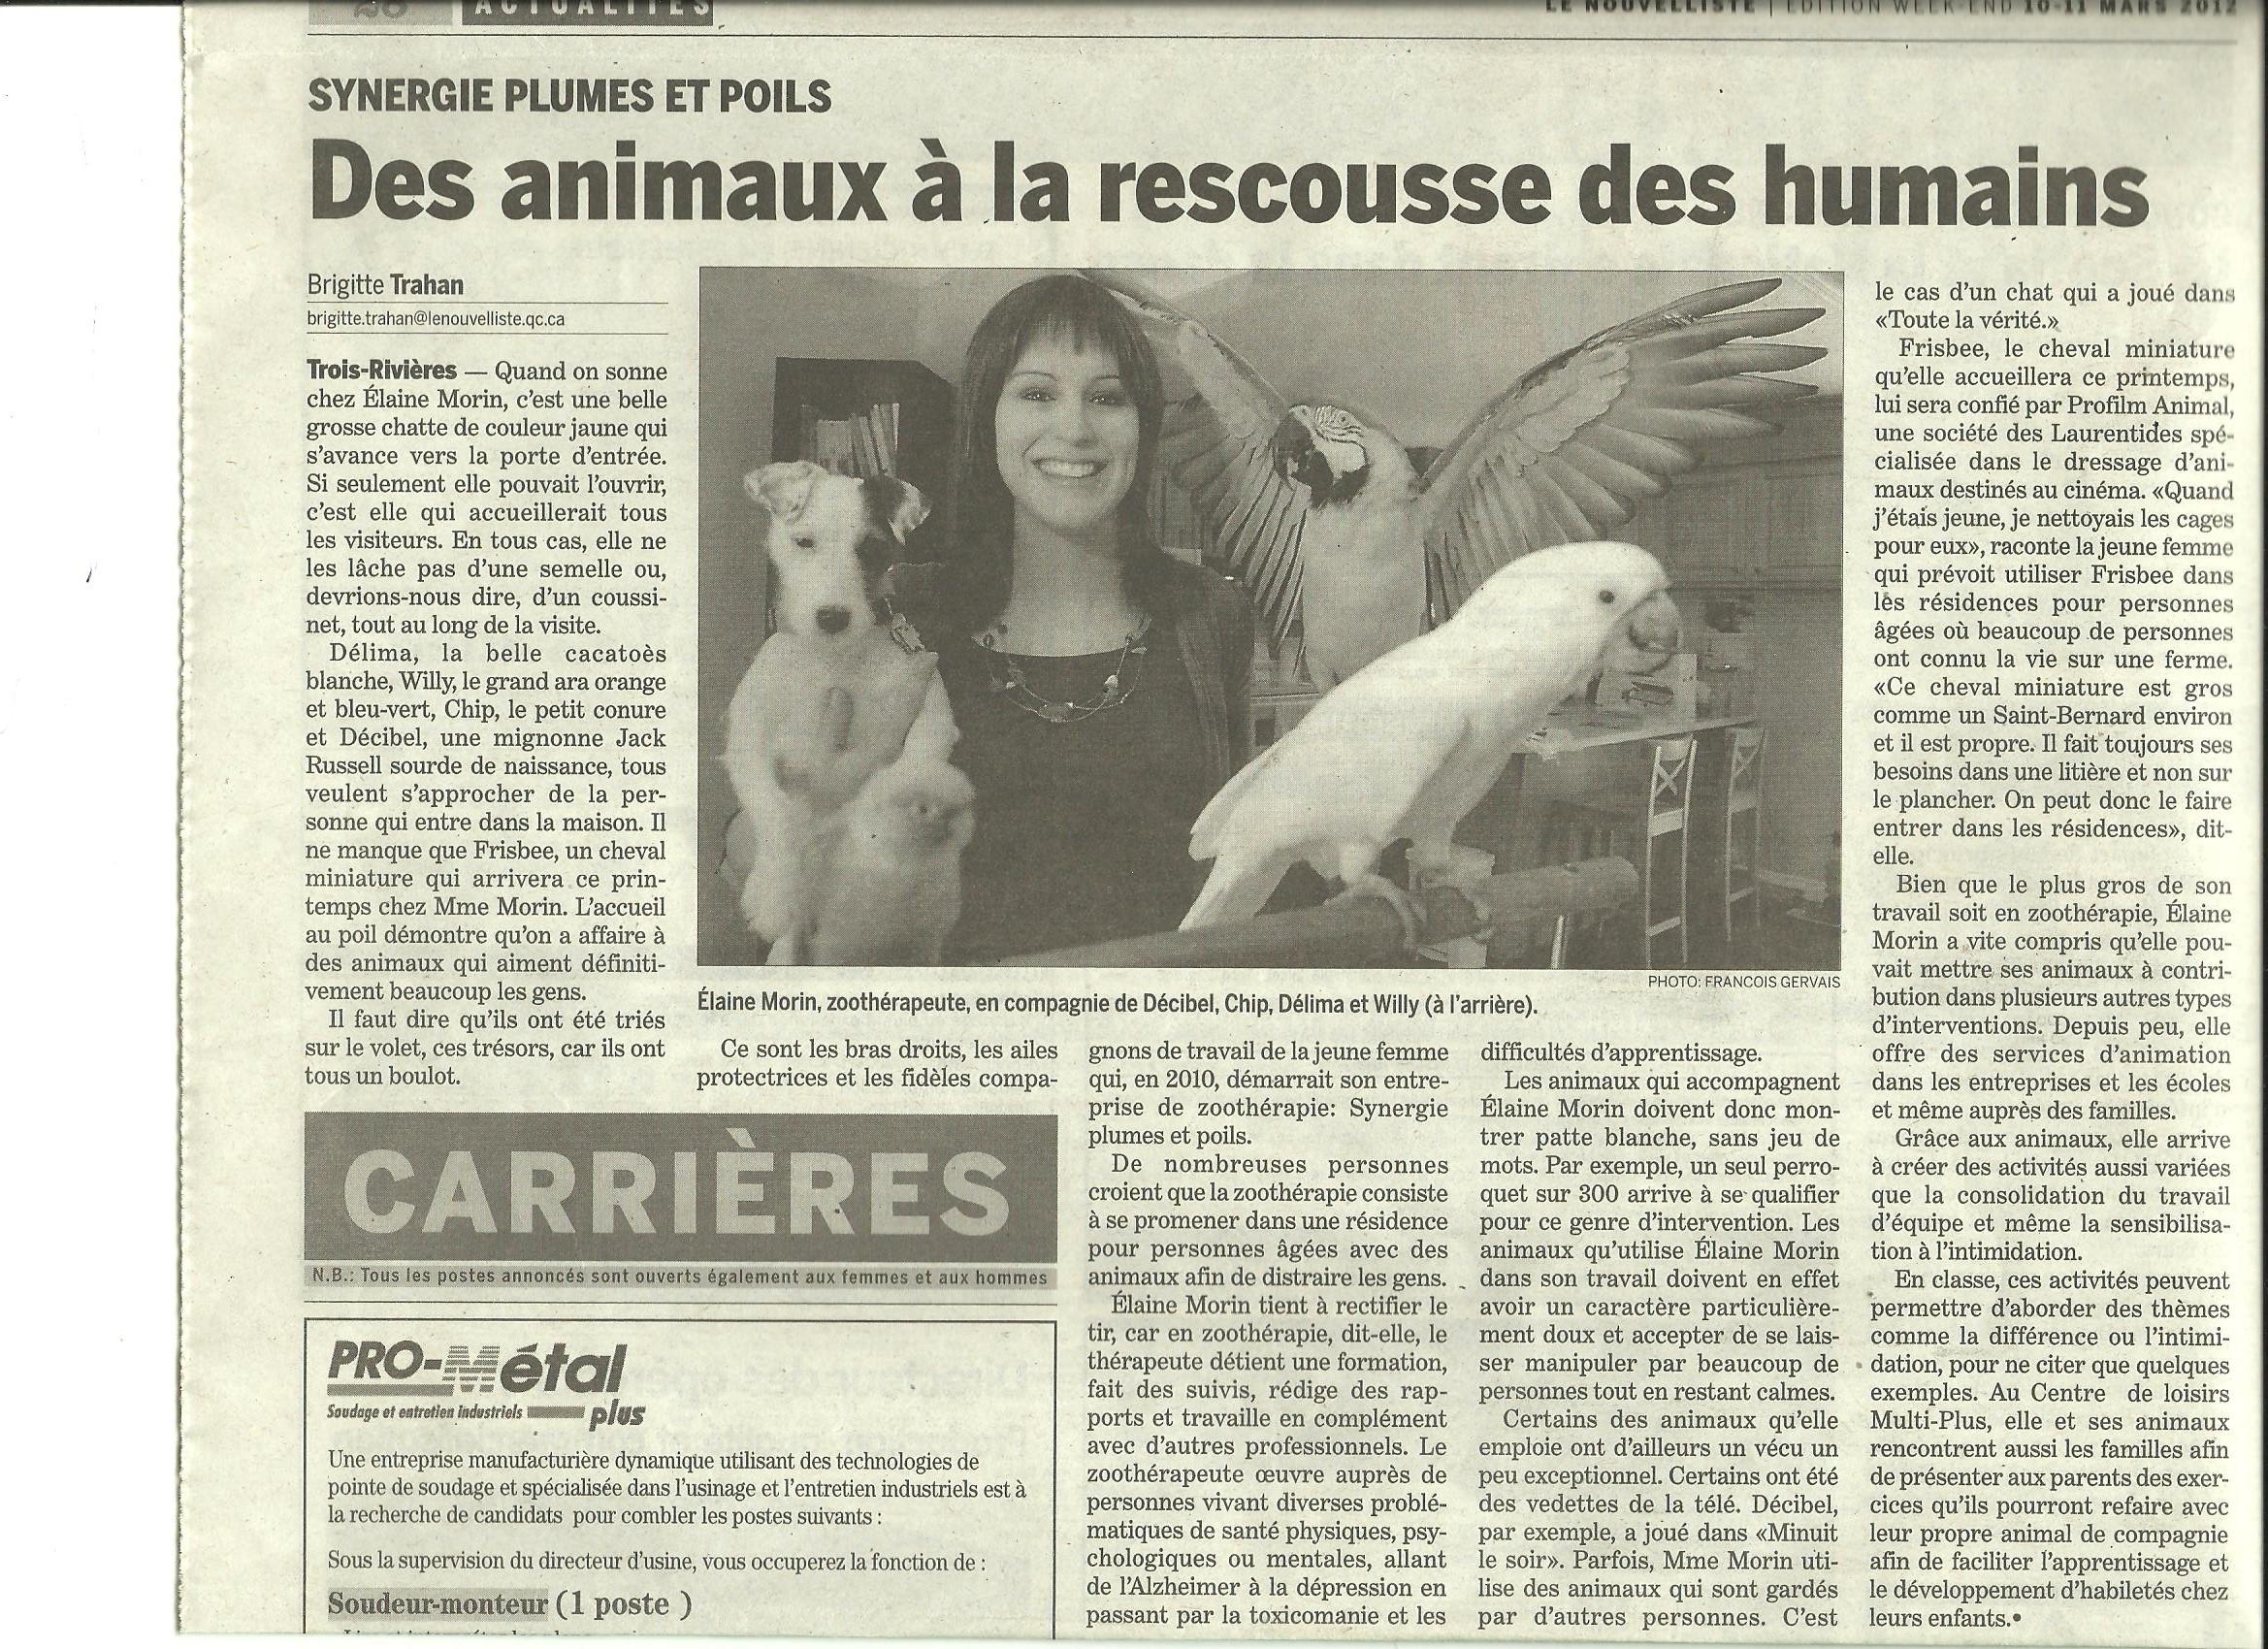 Des animaux à la rescousse des humains - Le Nouvelliste (10-11 mars 2012)